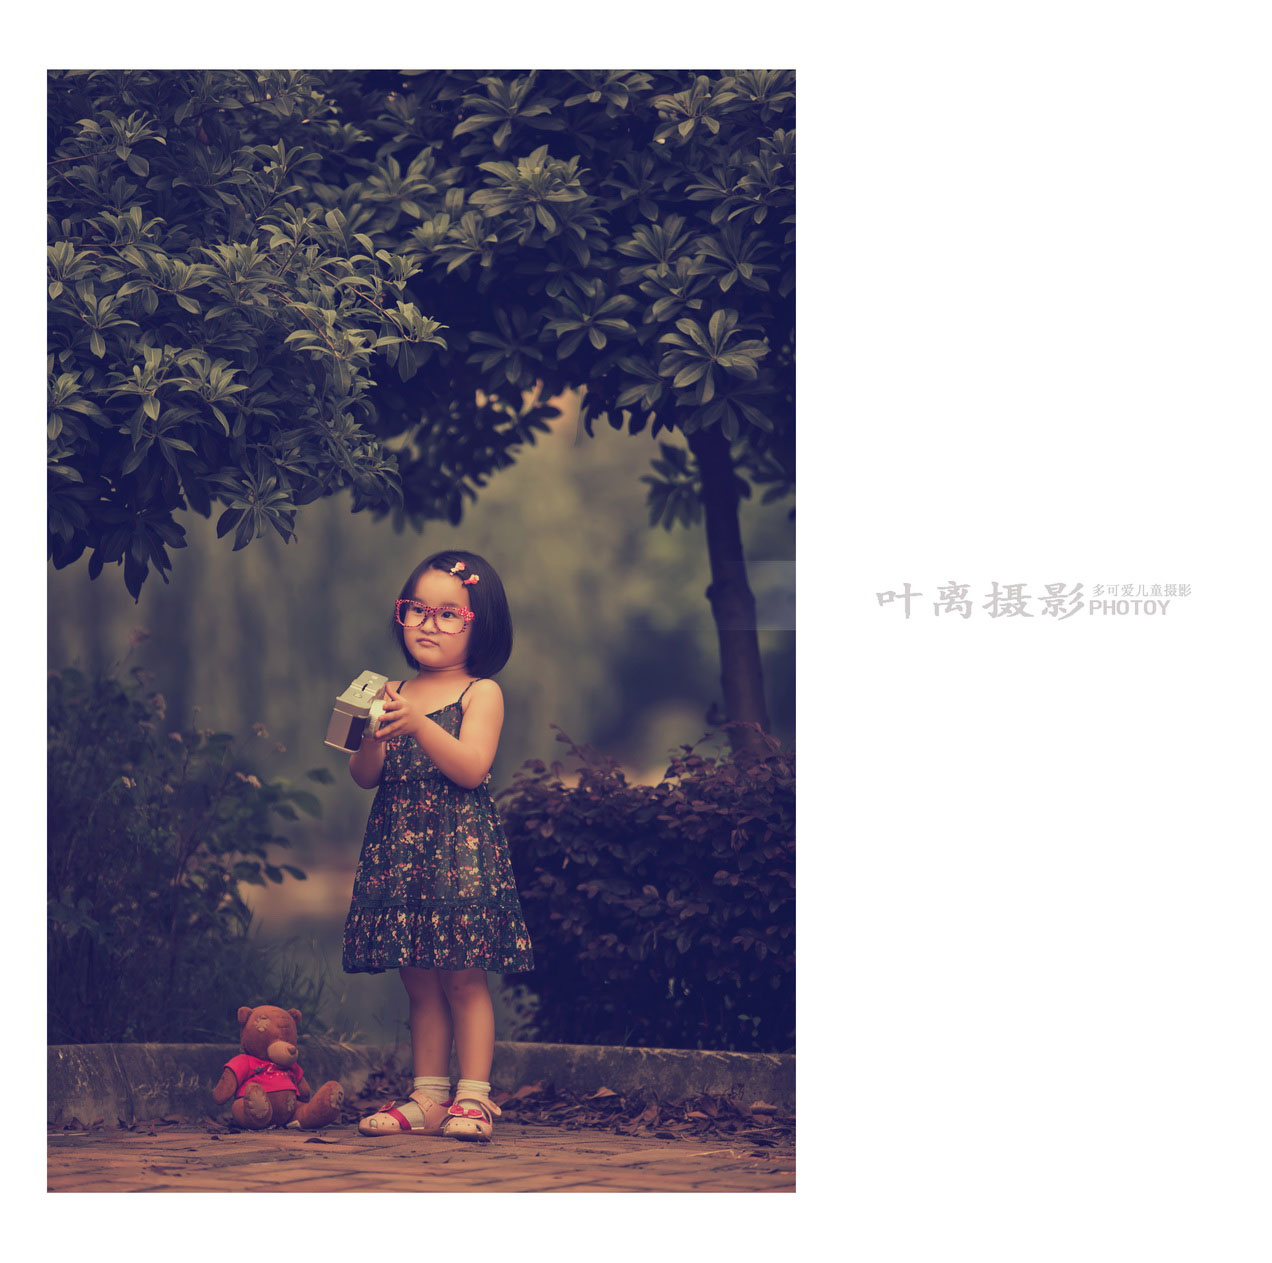 杨梅树下的小小摄影师